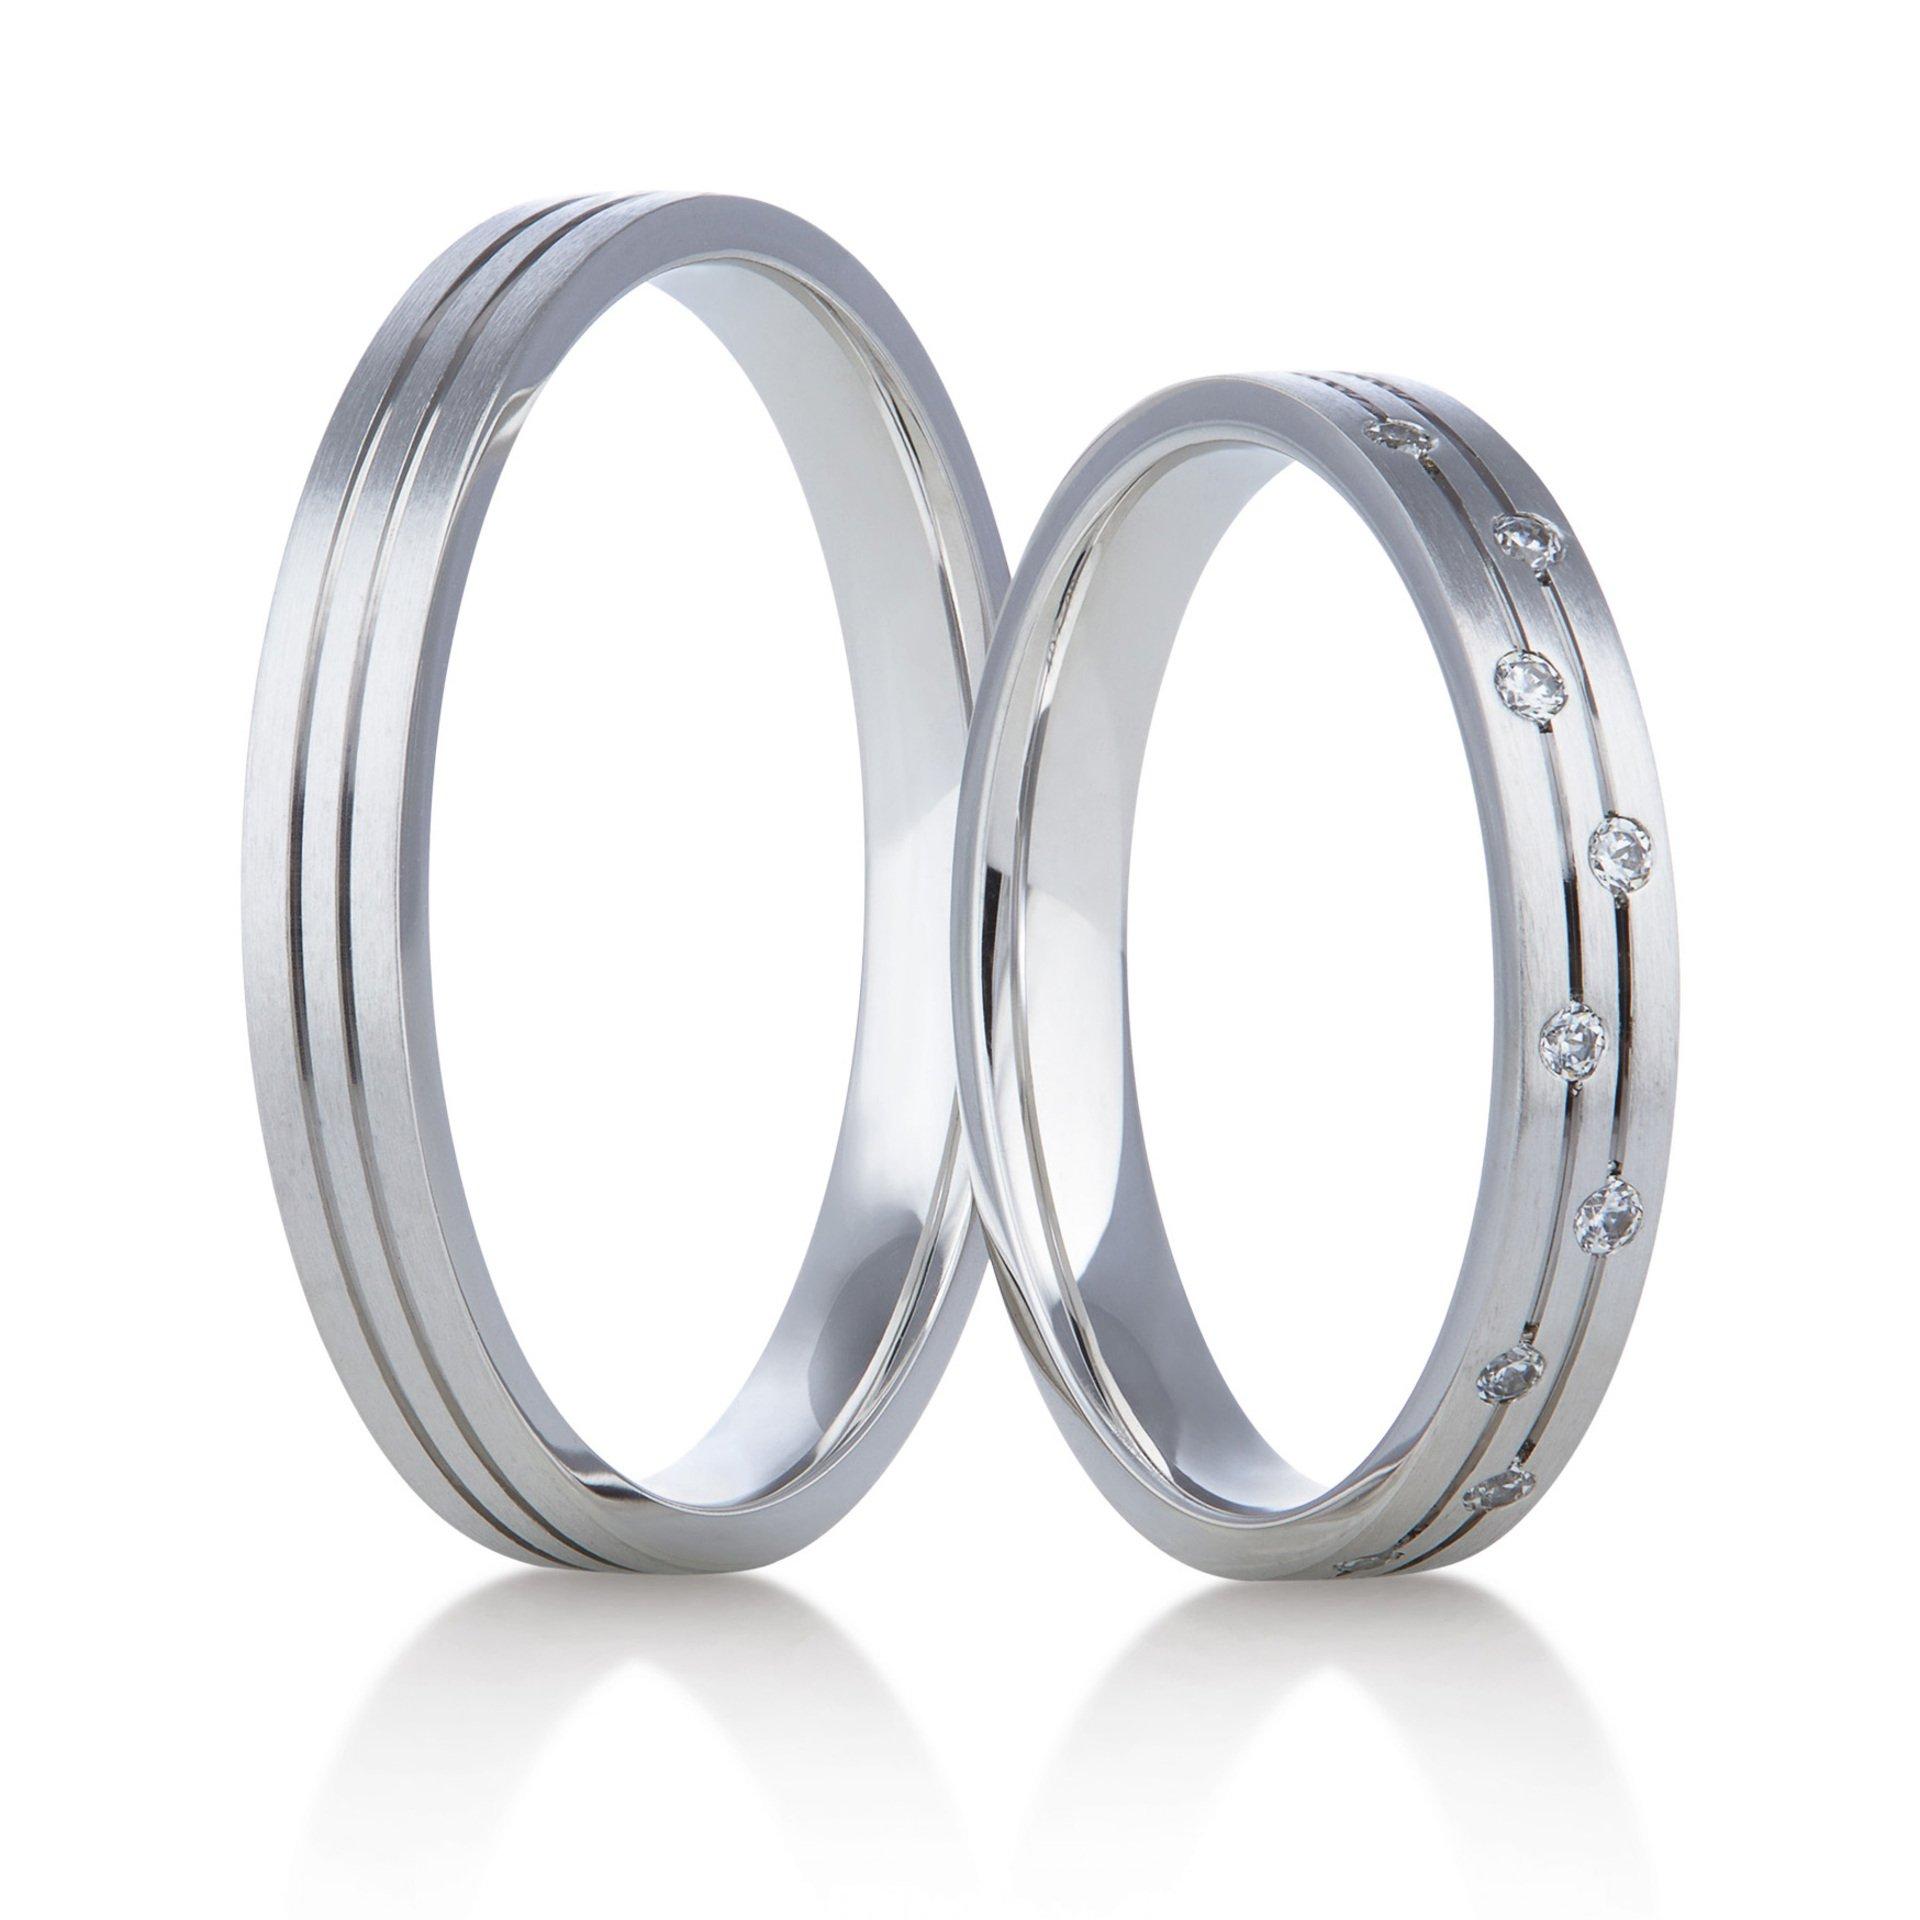 Snubní prsteny bílé zlato - Rýdl 407/01